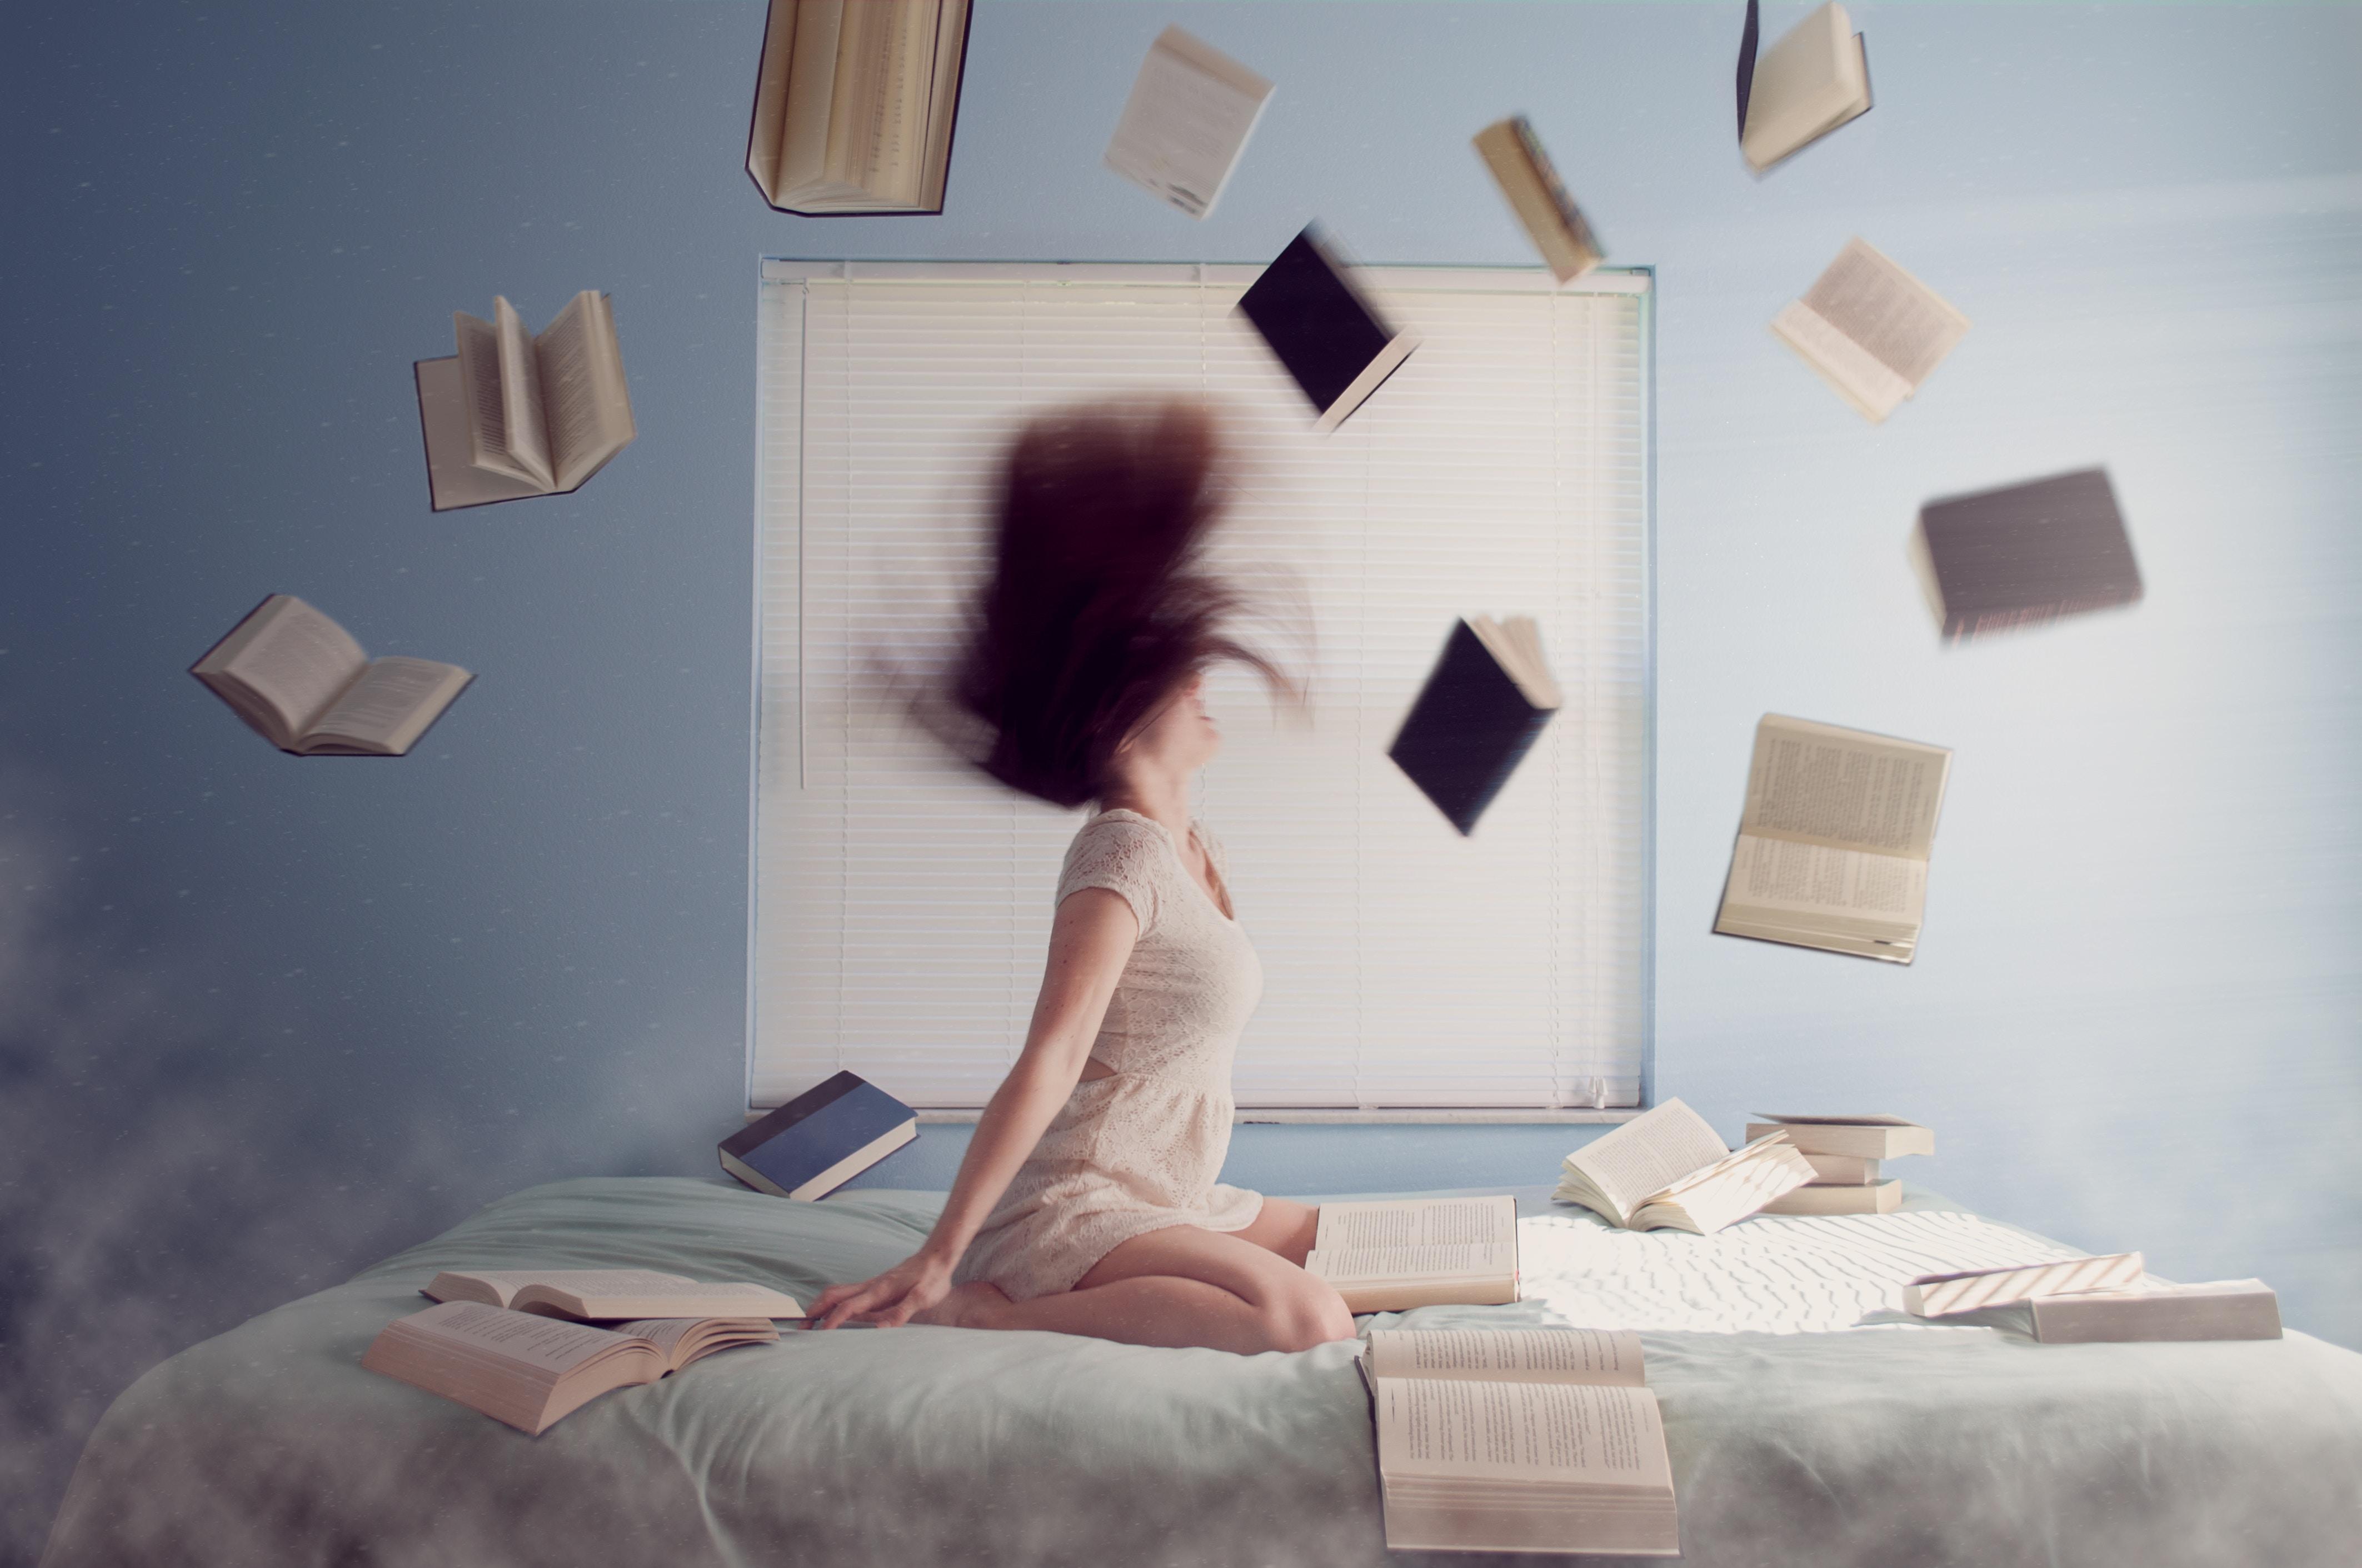 夢到考試代表你焦慮?其實含意更深-台大專區